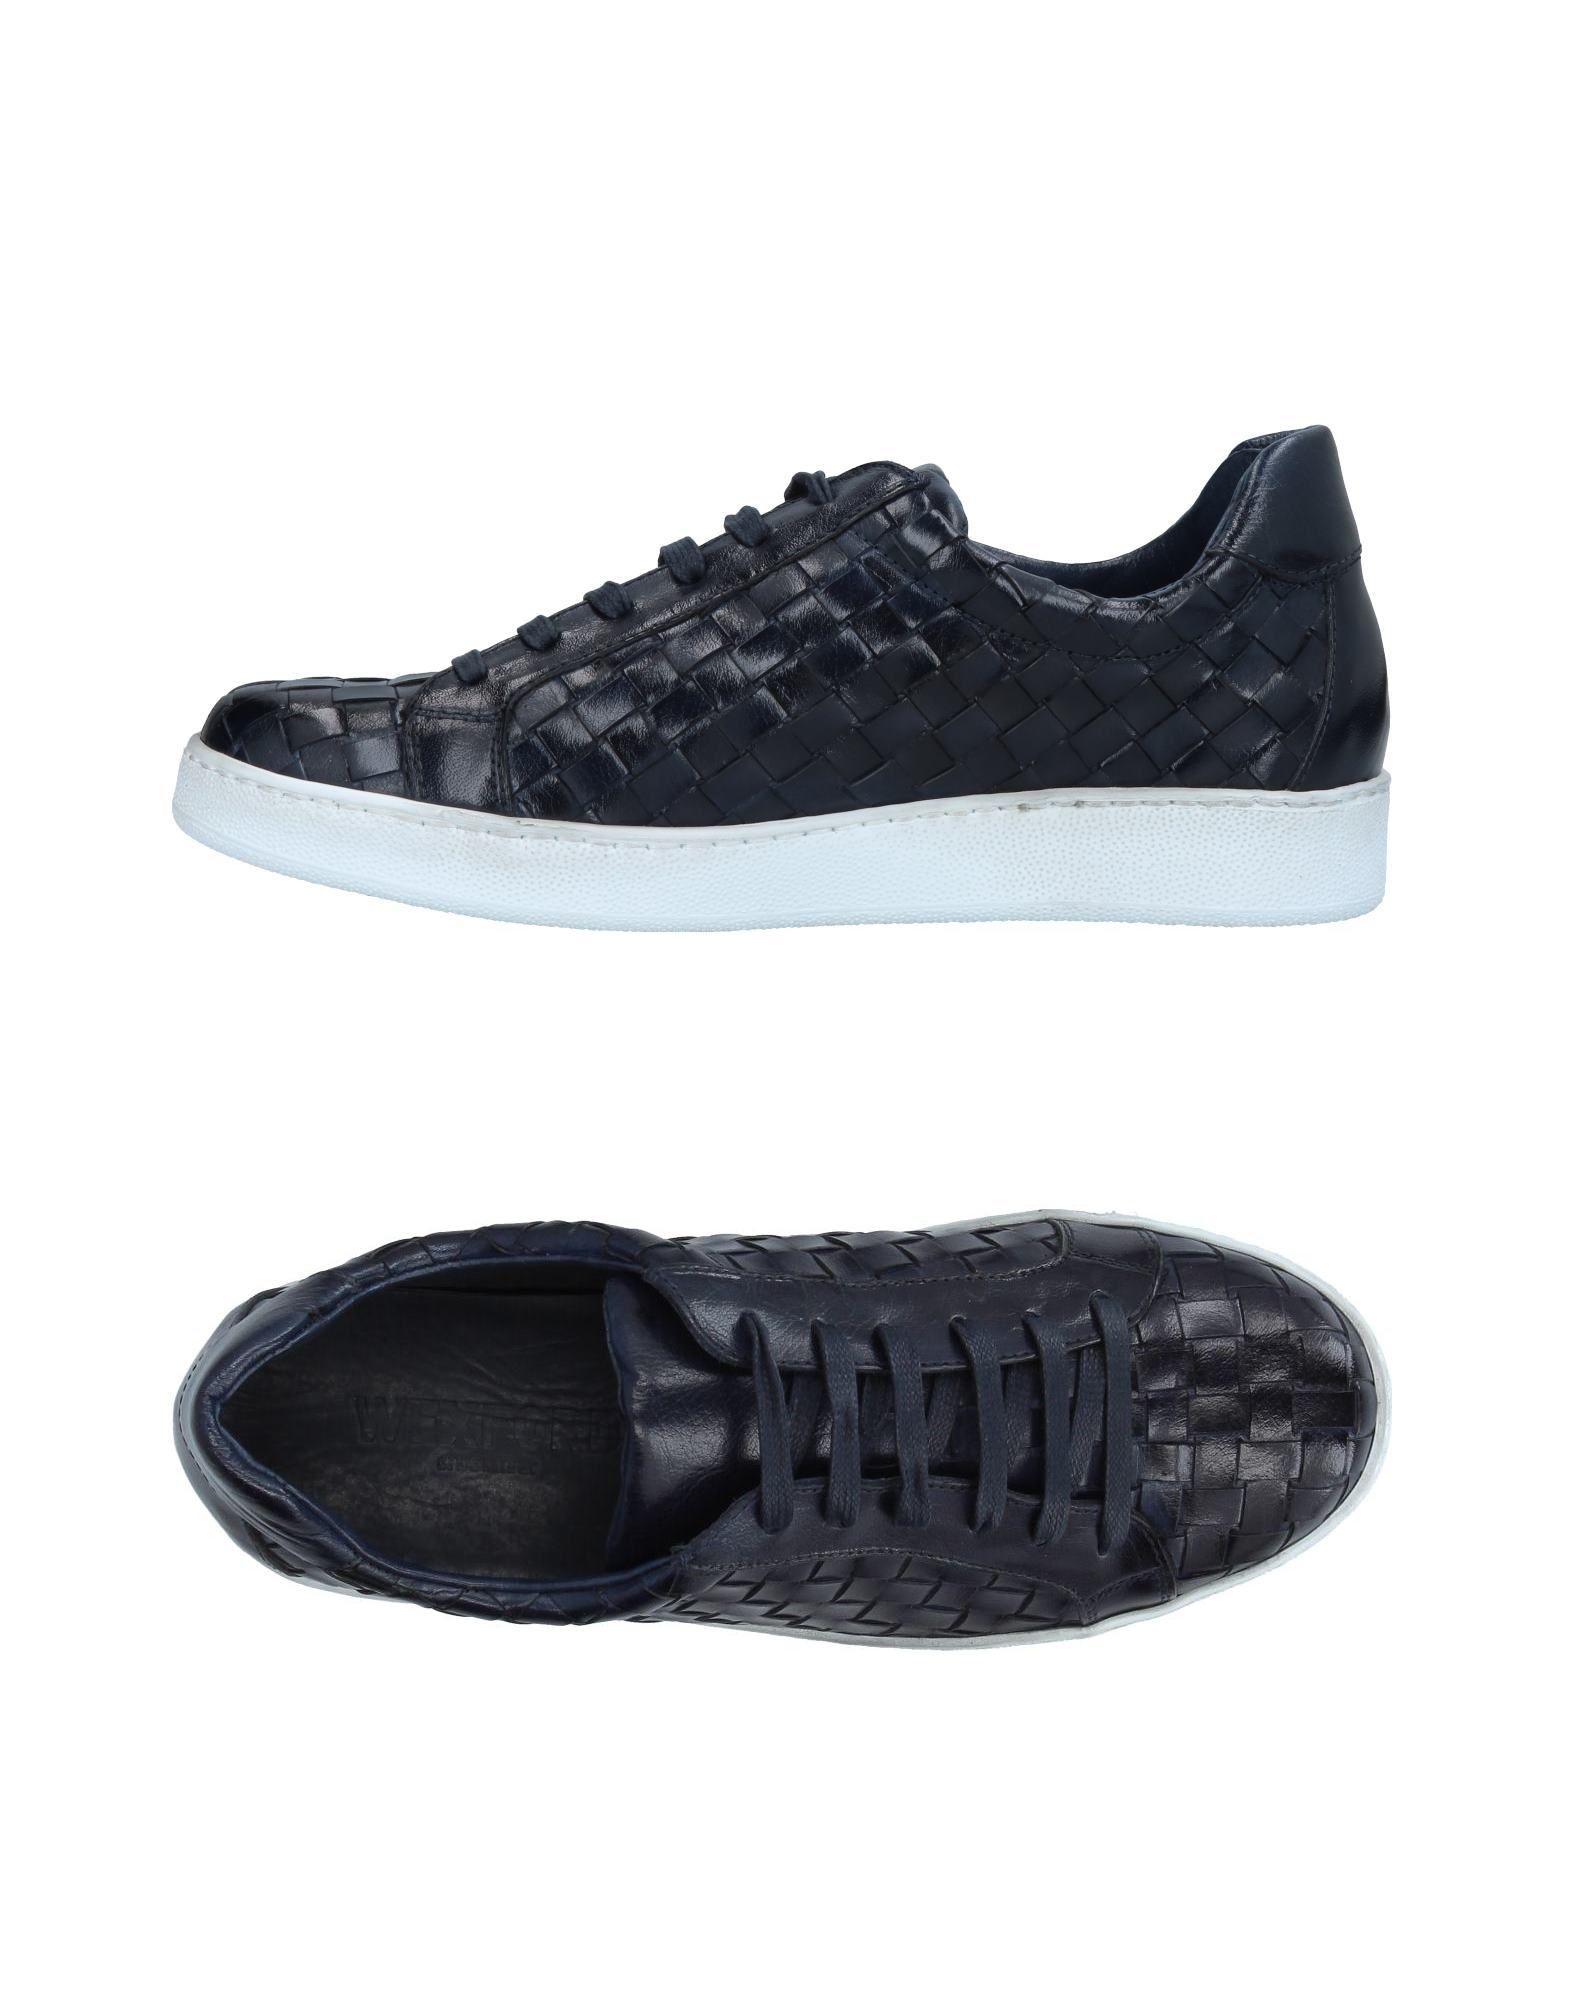 Wexford Sneakers Herren  11412188BA Heiße Schuhe